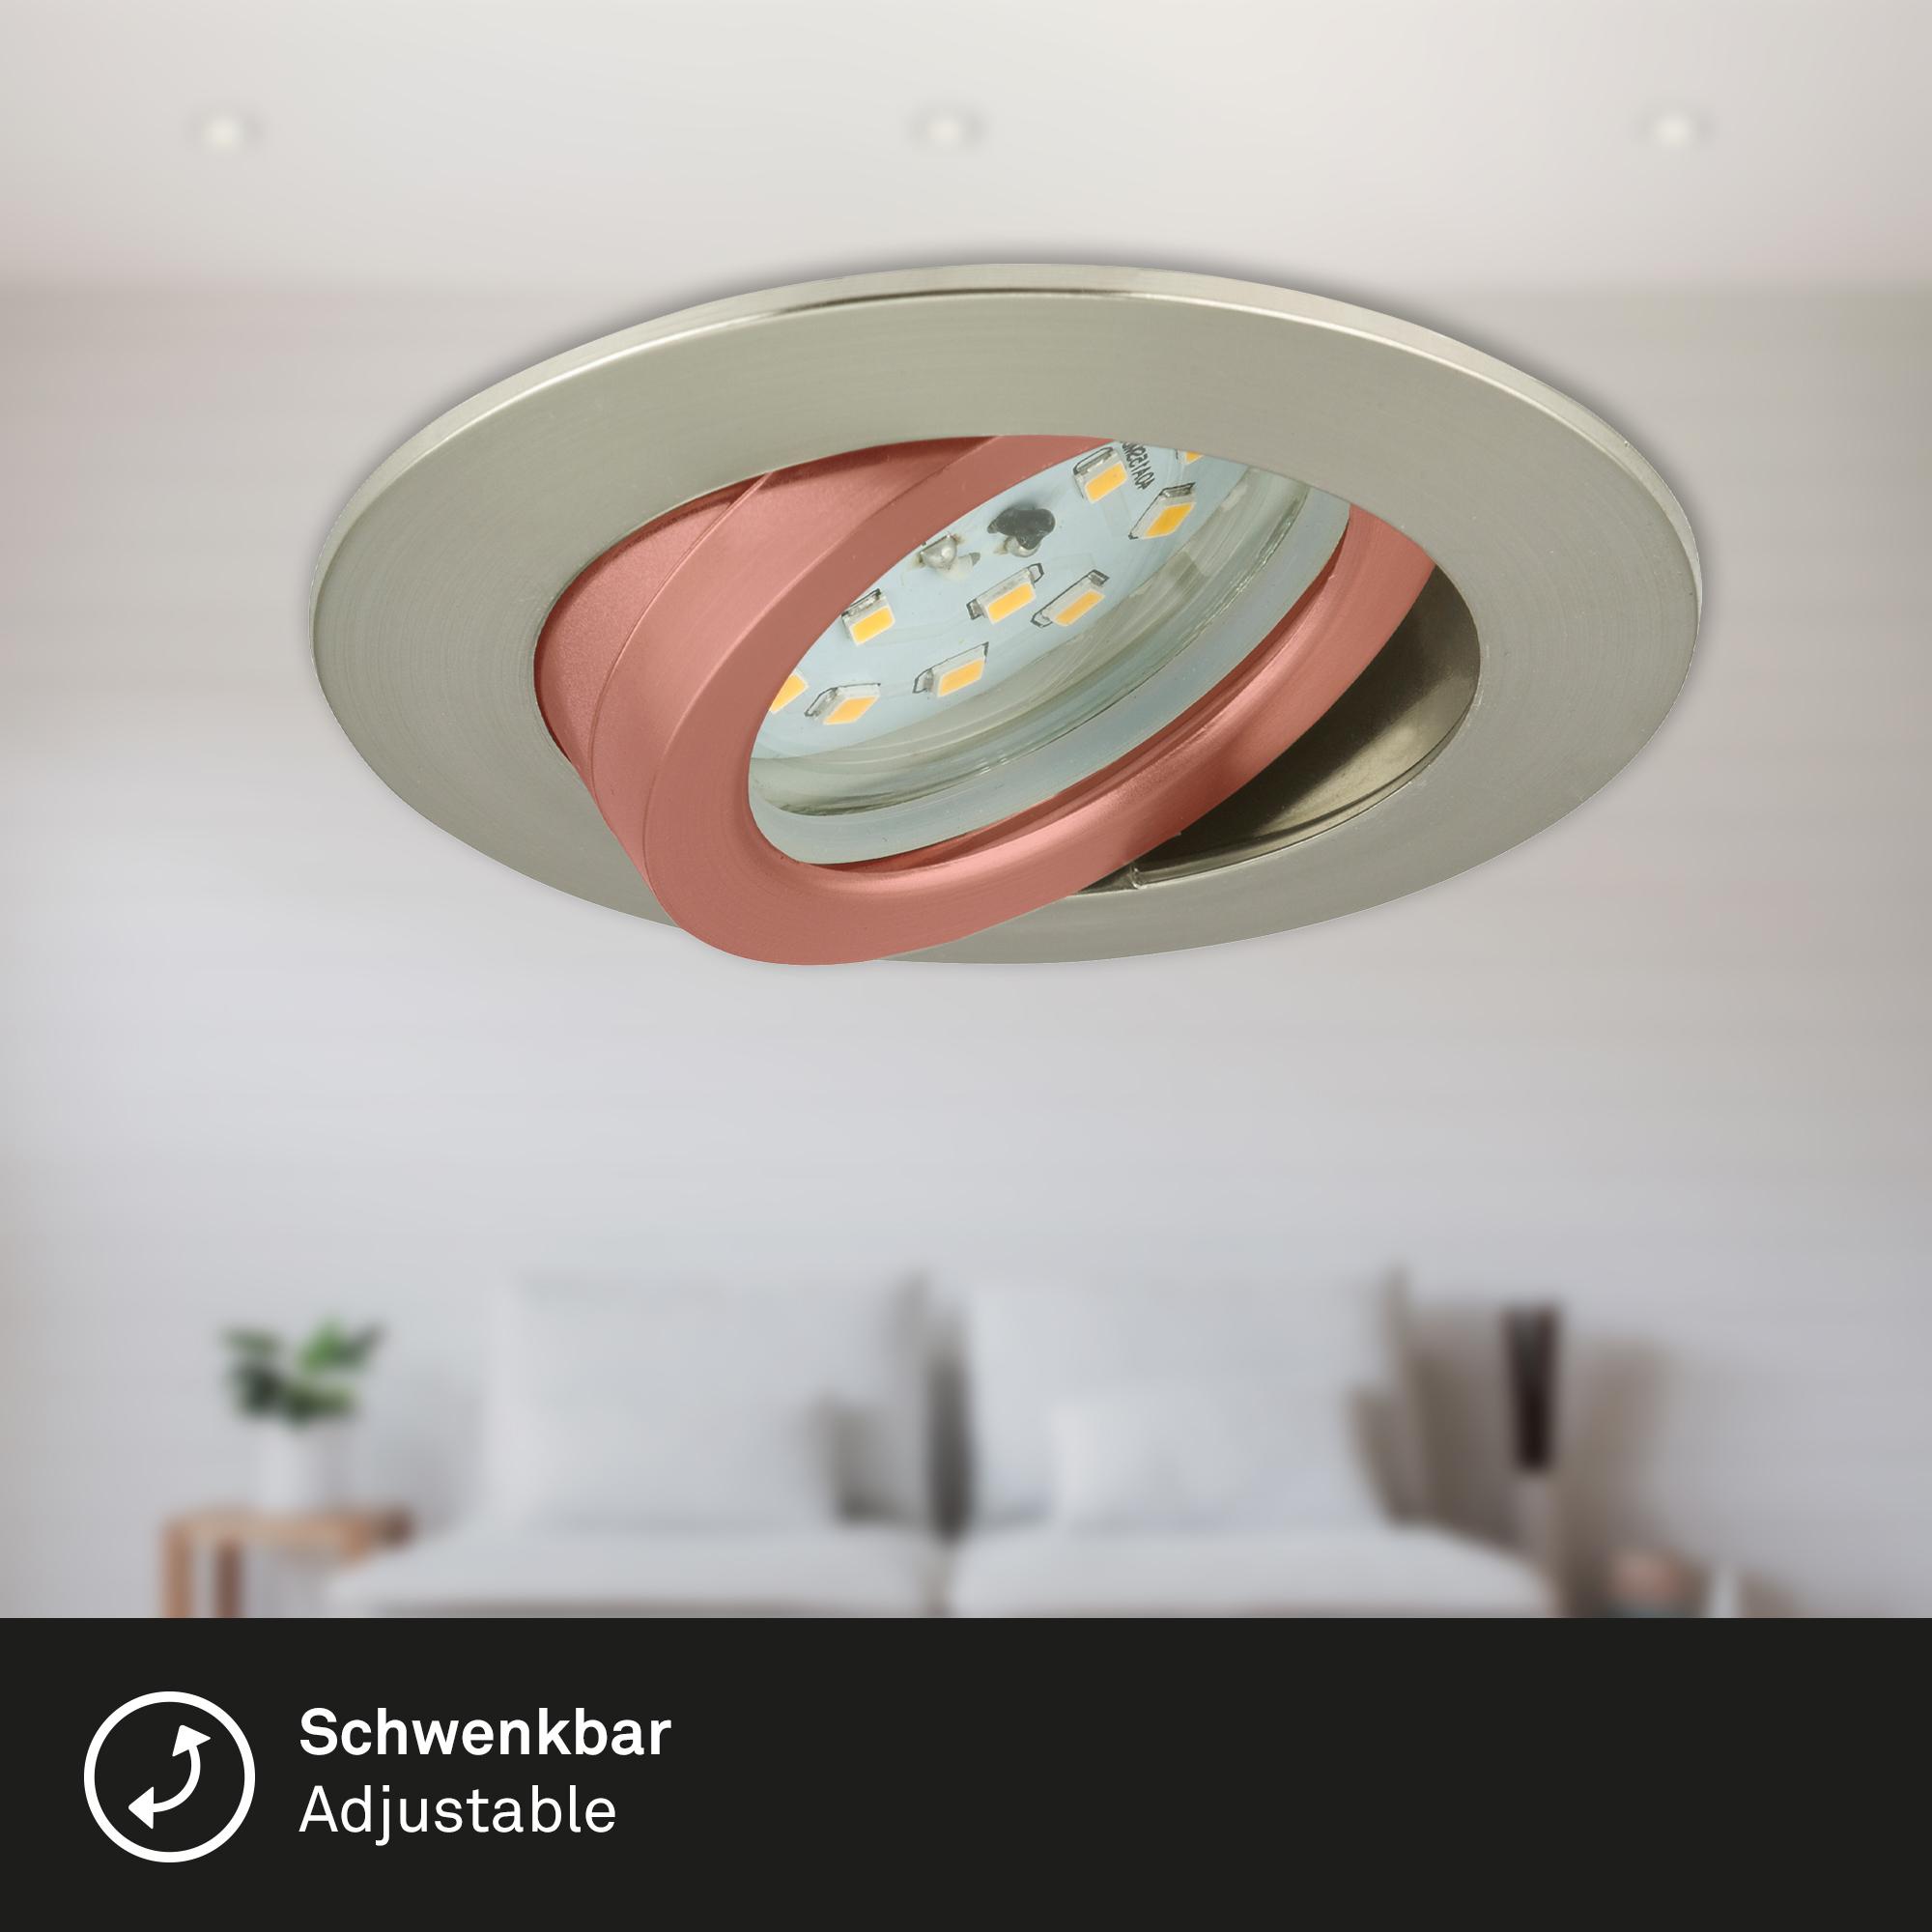 LED Einbauleuchte, Ø 8,2 cm, 5,5 W, Matt-Nickel